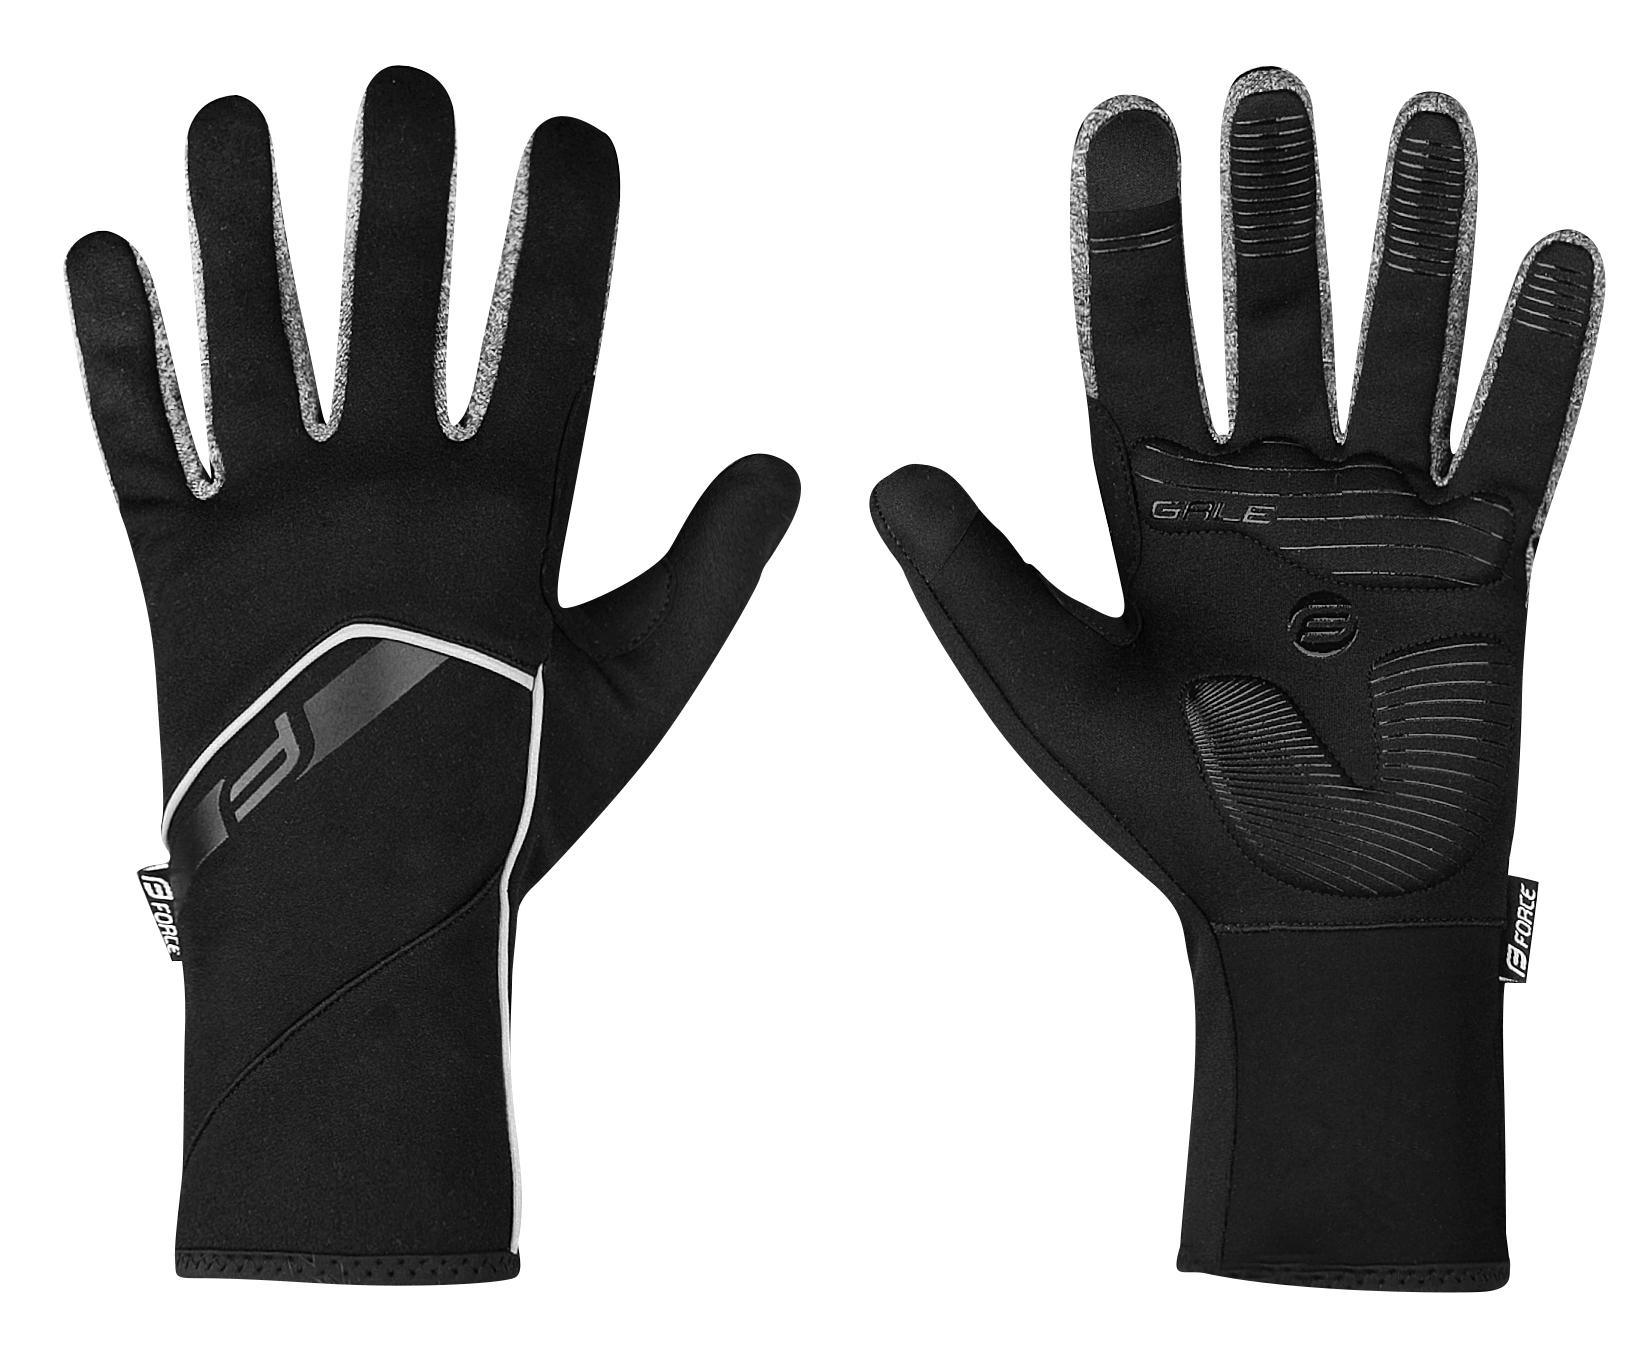 rukavice FORCE GALE softshell, jaro-podzim, černé M